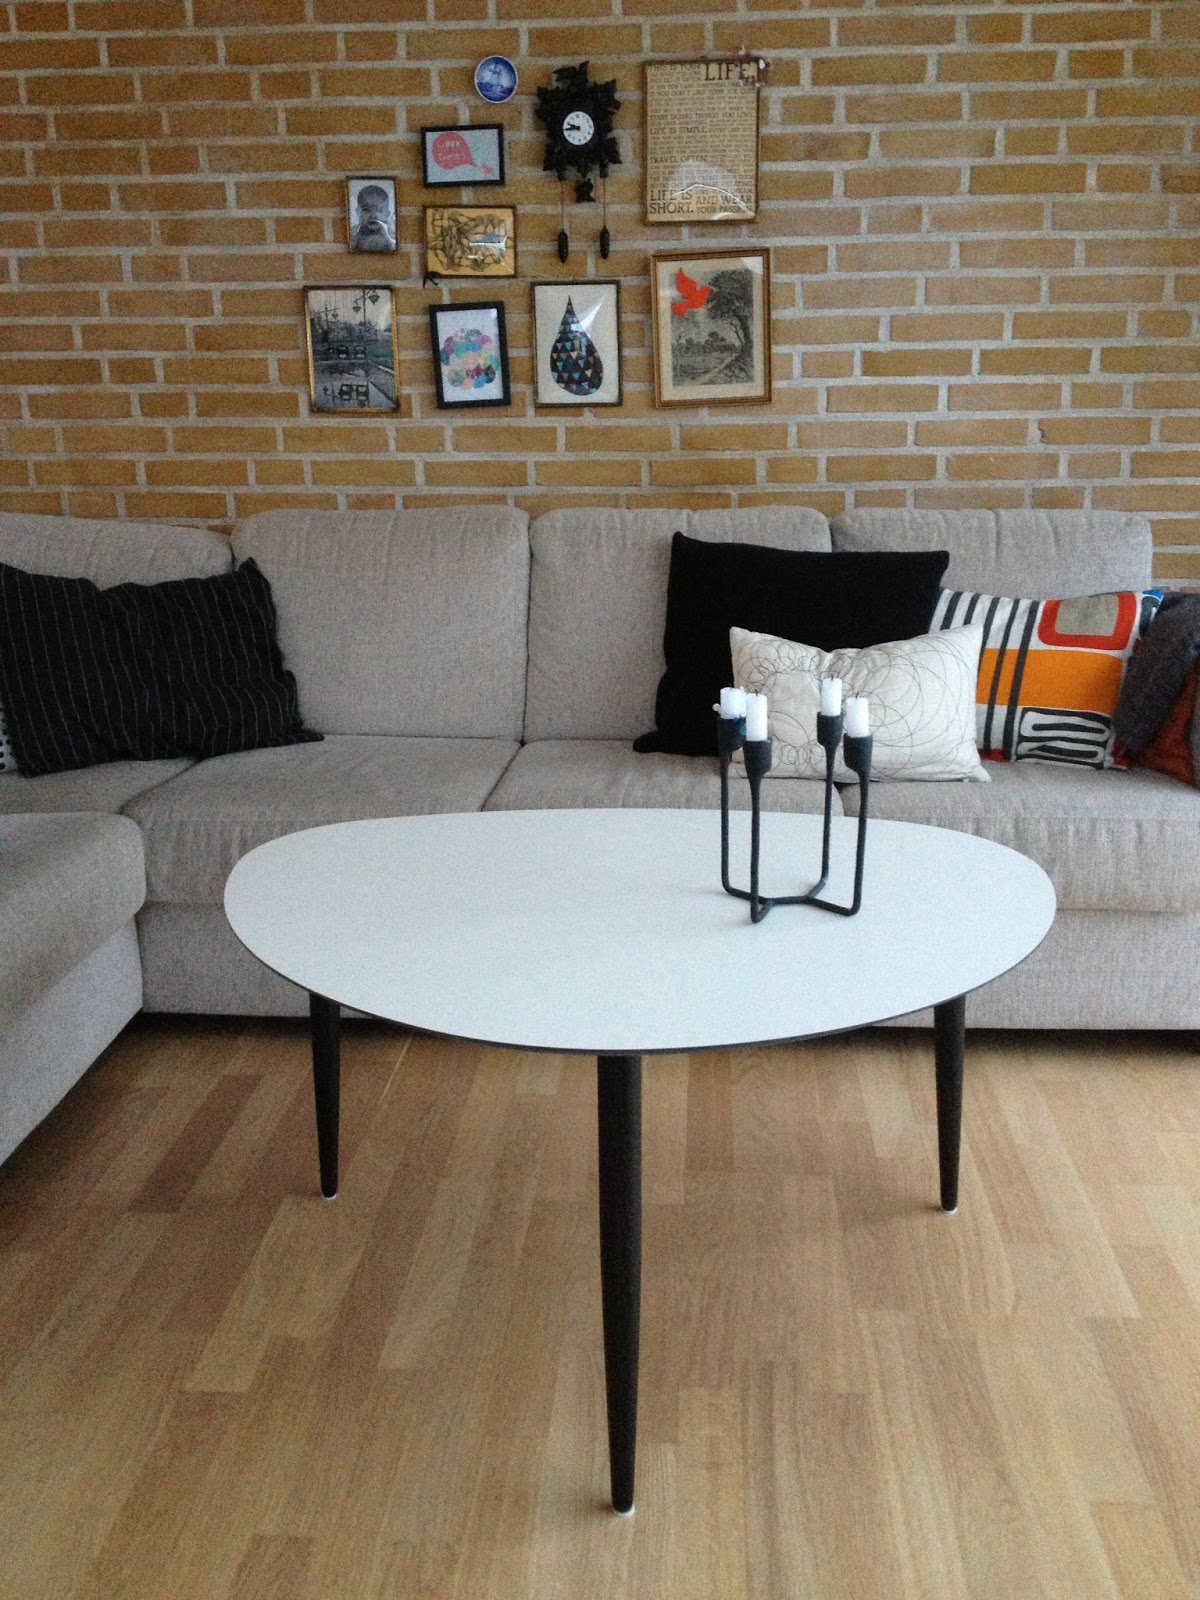 sofabord idemøbler Sofaborde Idemøbler | Baci Living Room sofabord idemøbler